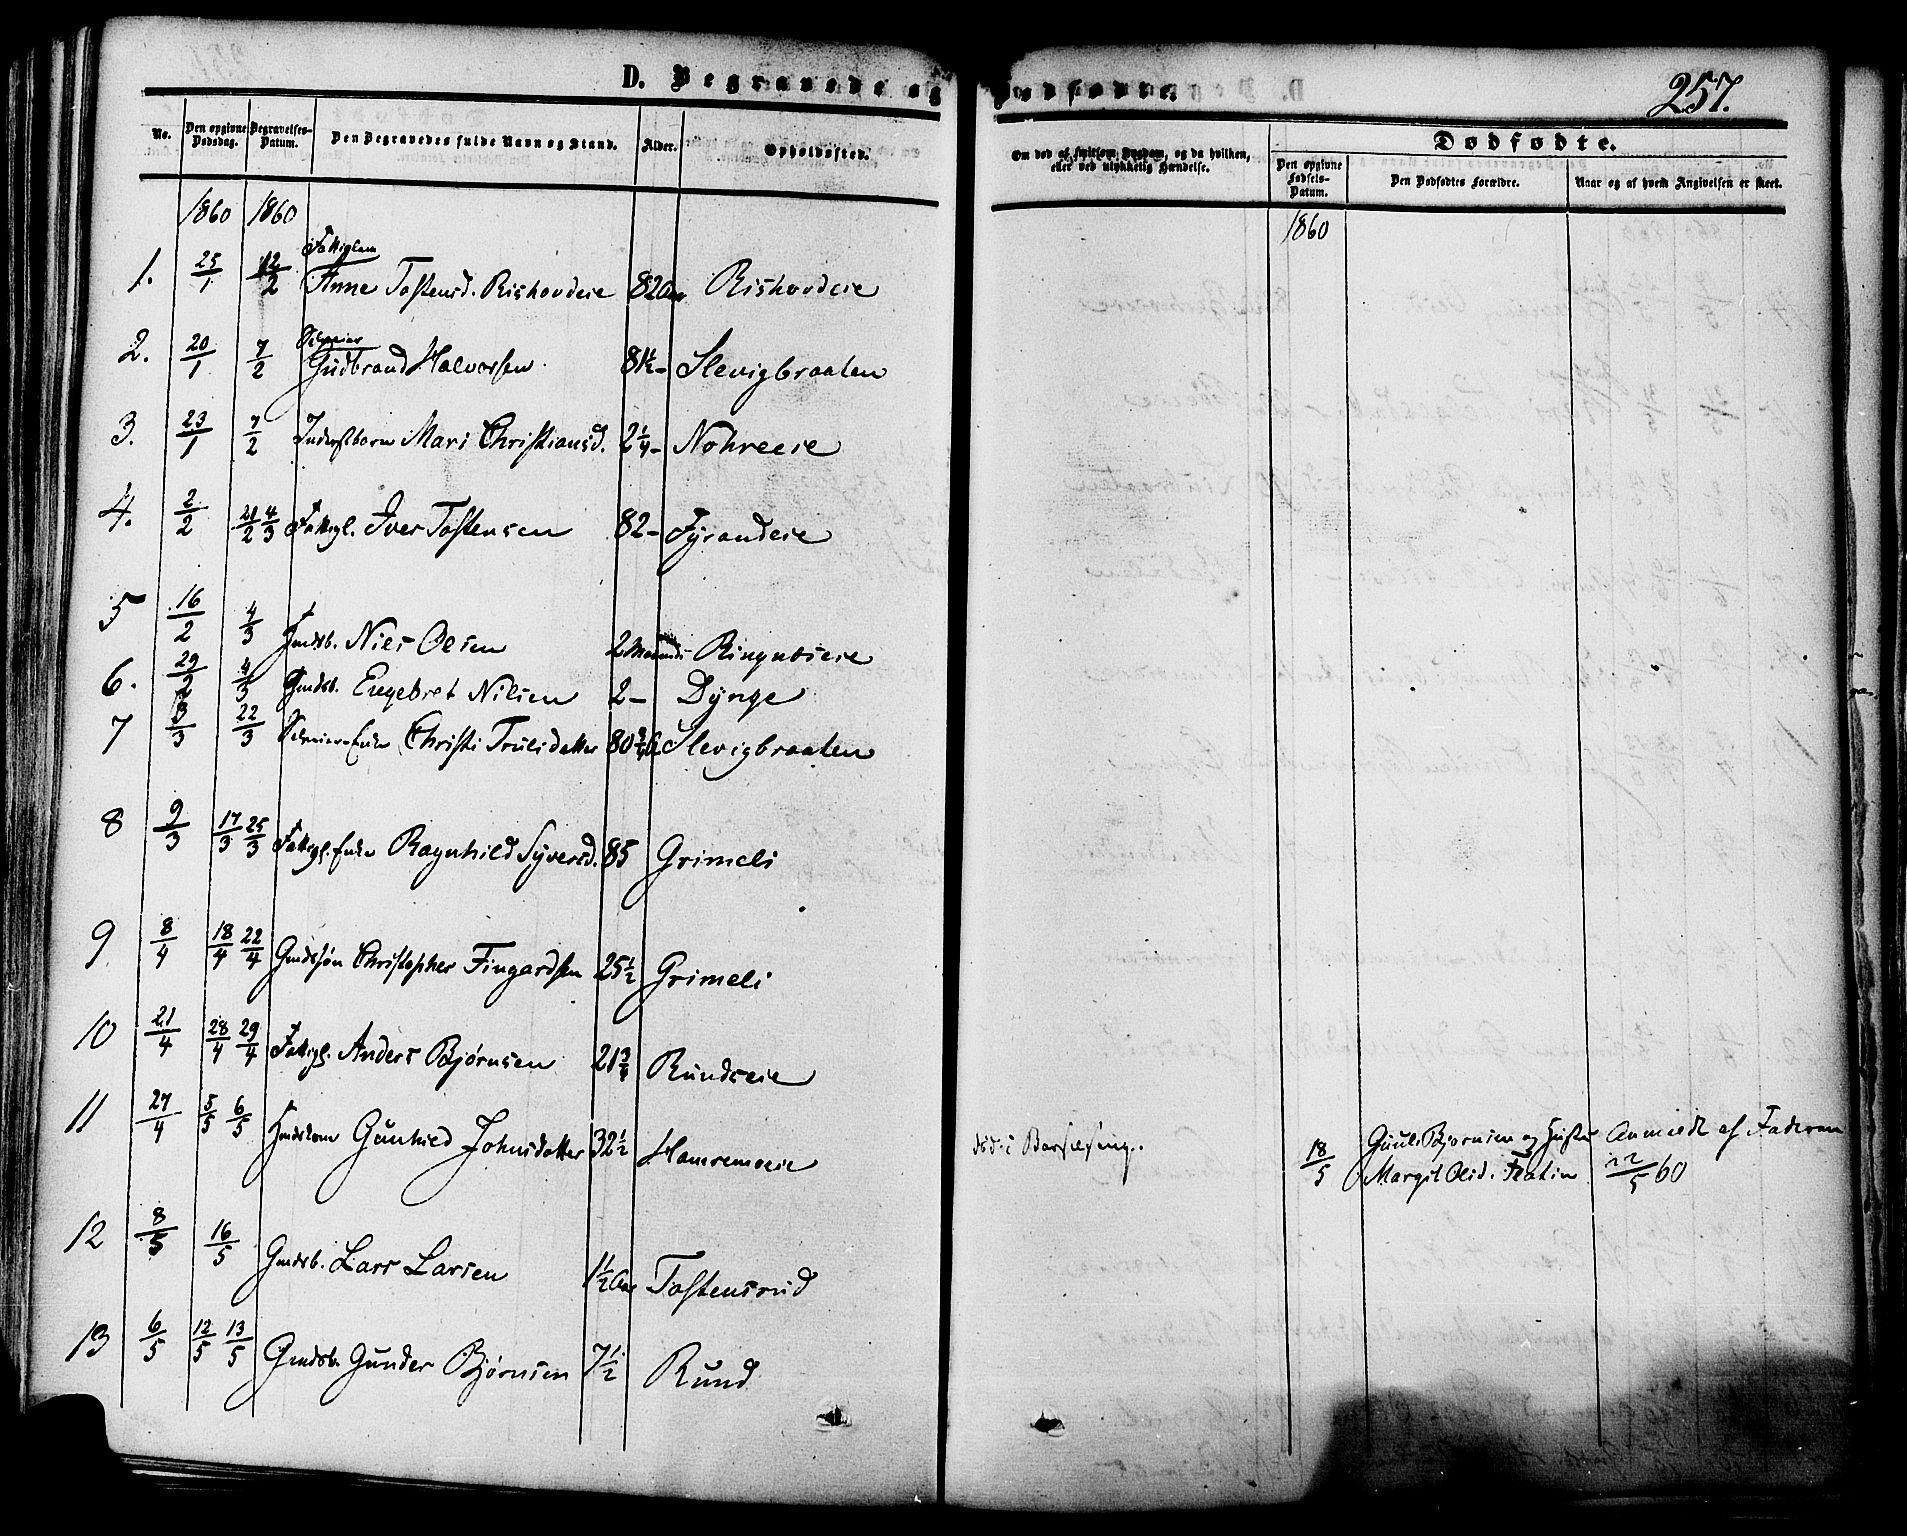 SAKO, Krødsherad kirkebøker, F/Fa/L0003: Ministerialbok nr. 3, 1851-1872, s. 257